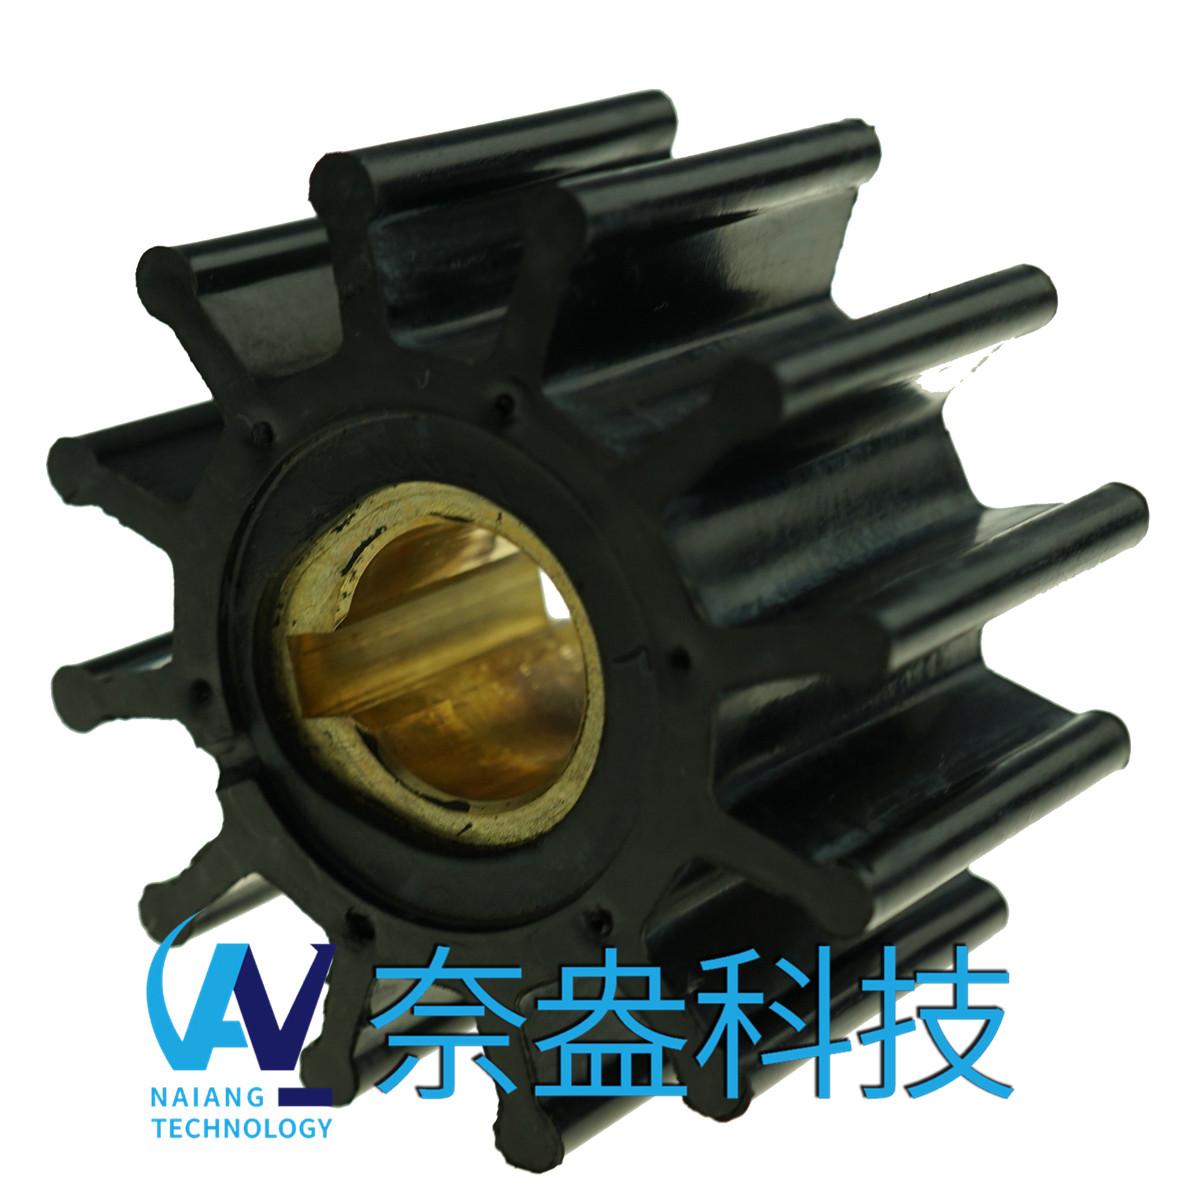 CEF泵用橡胶叶轮 CEF Impeller 500108